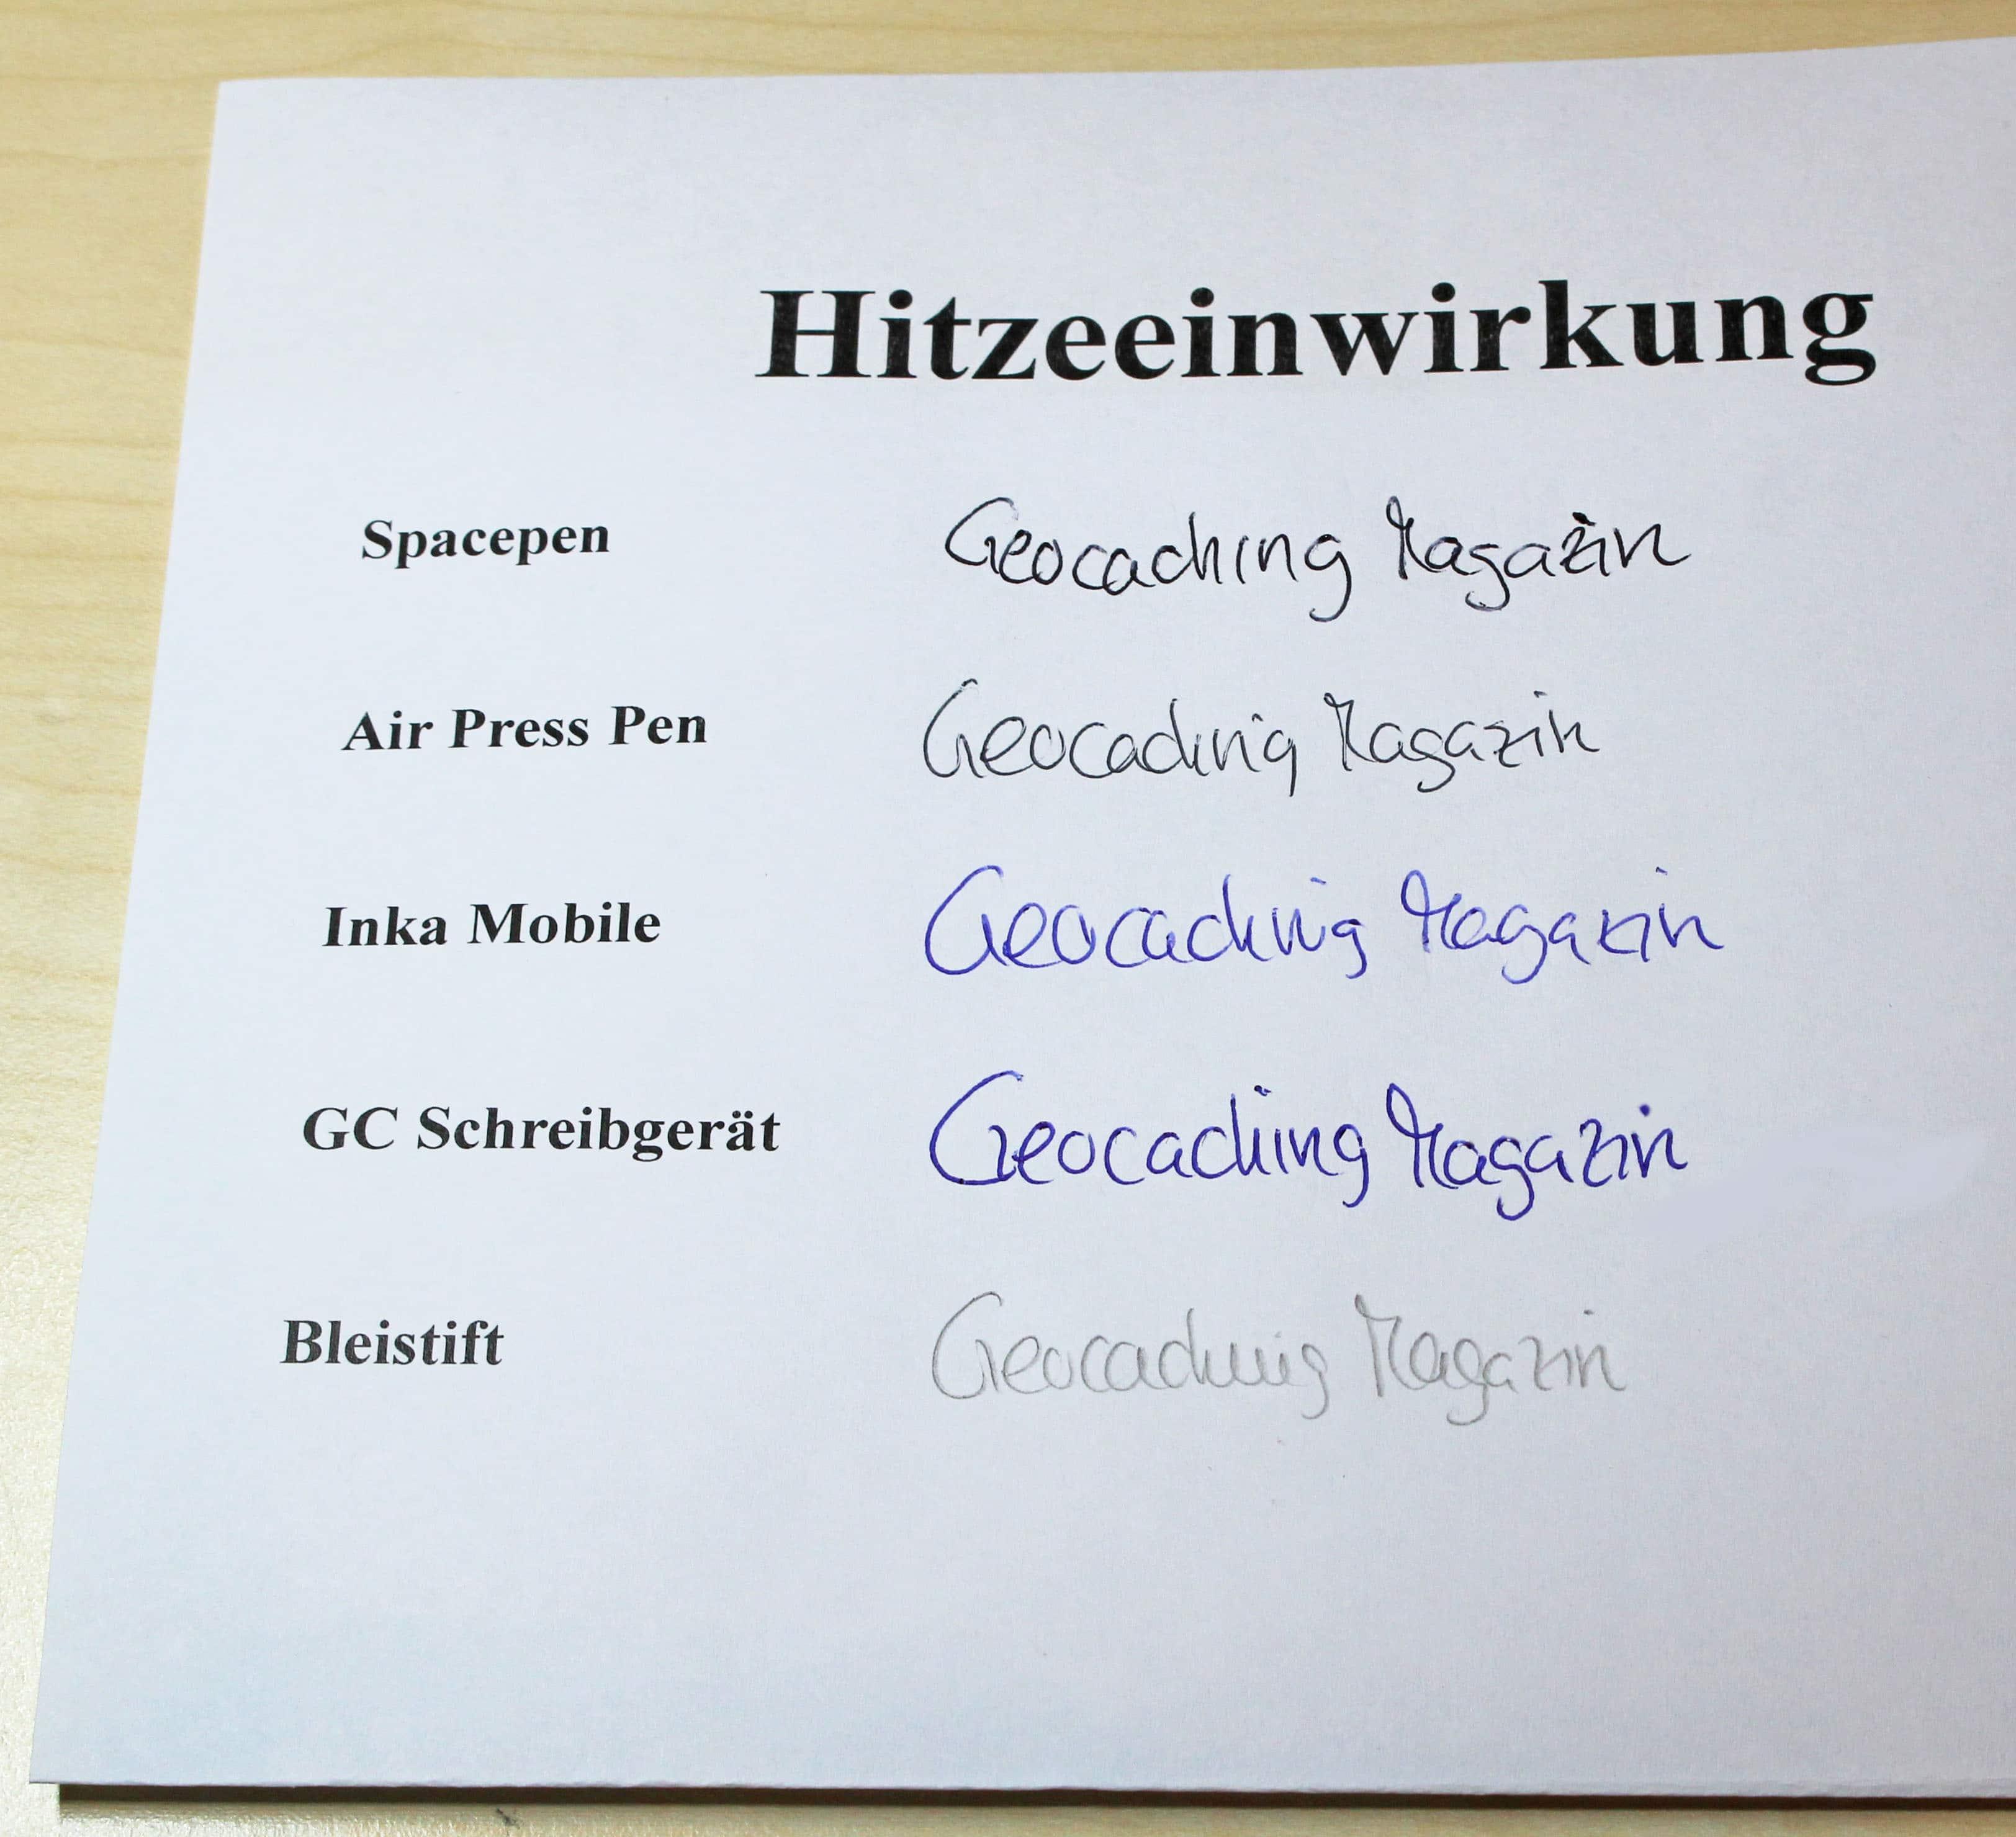 Hitze1